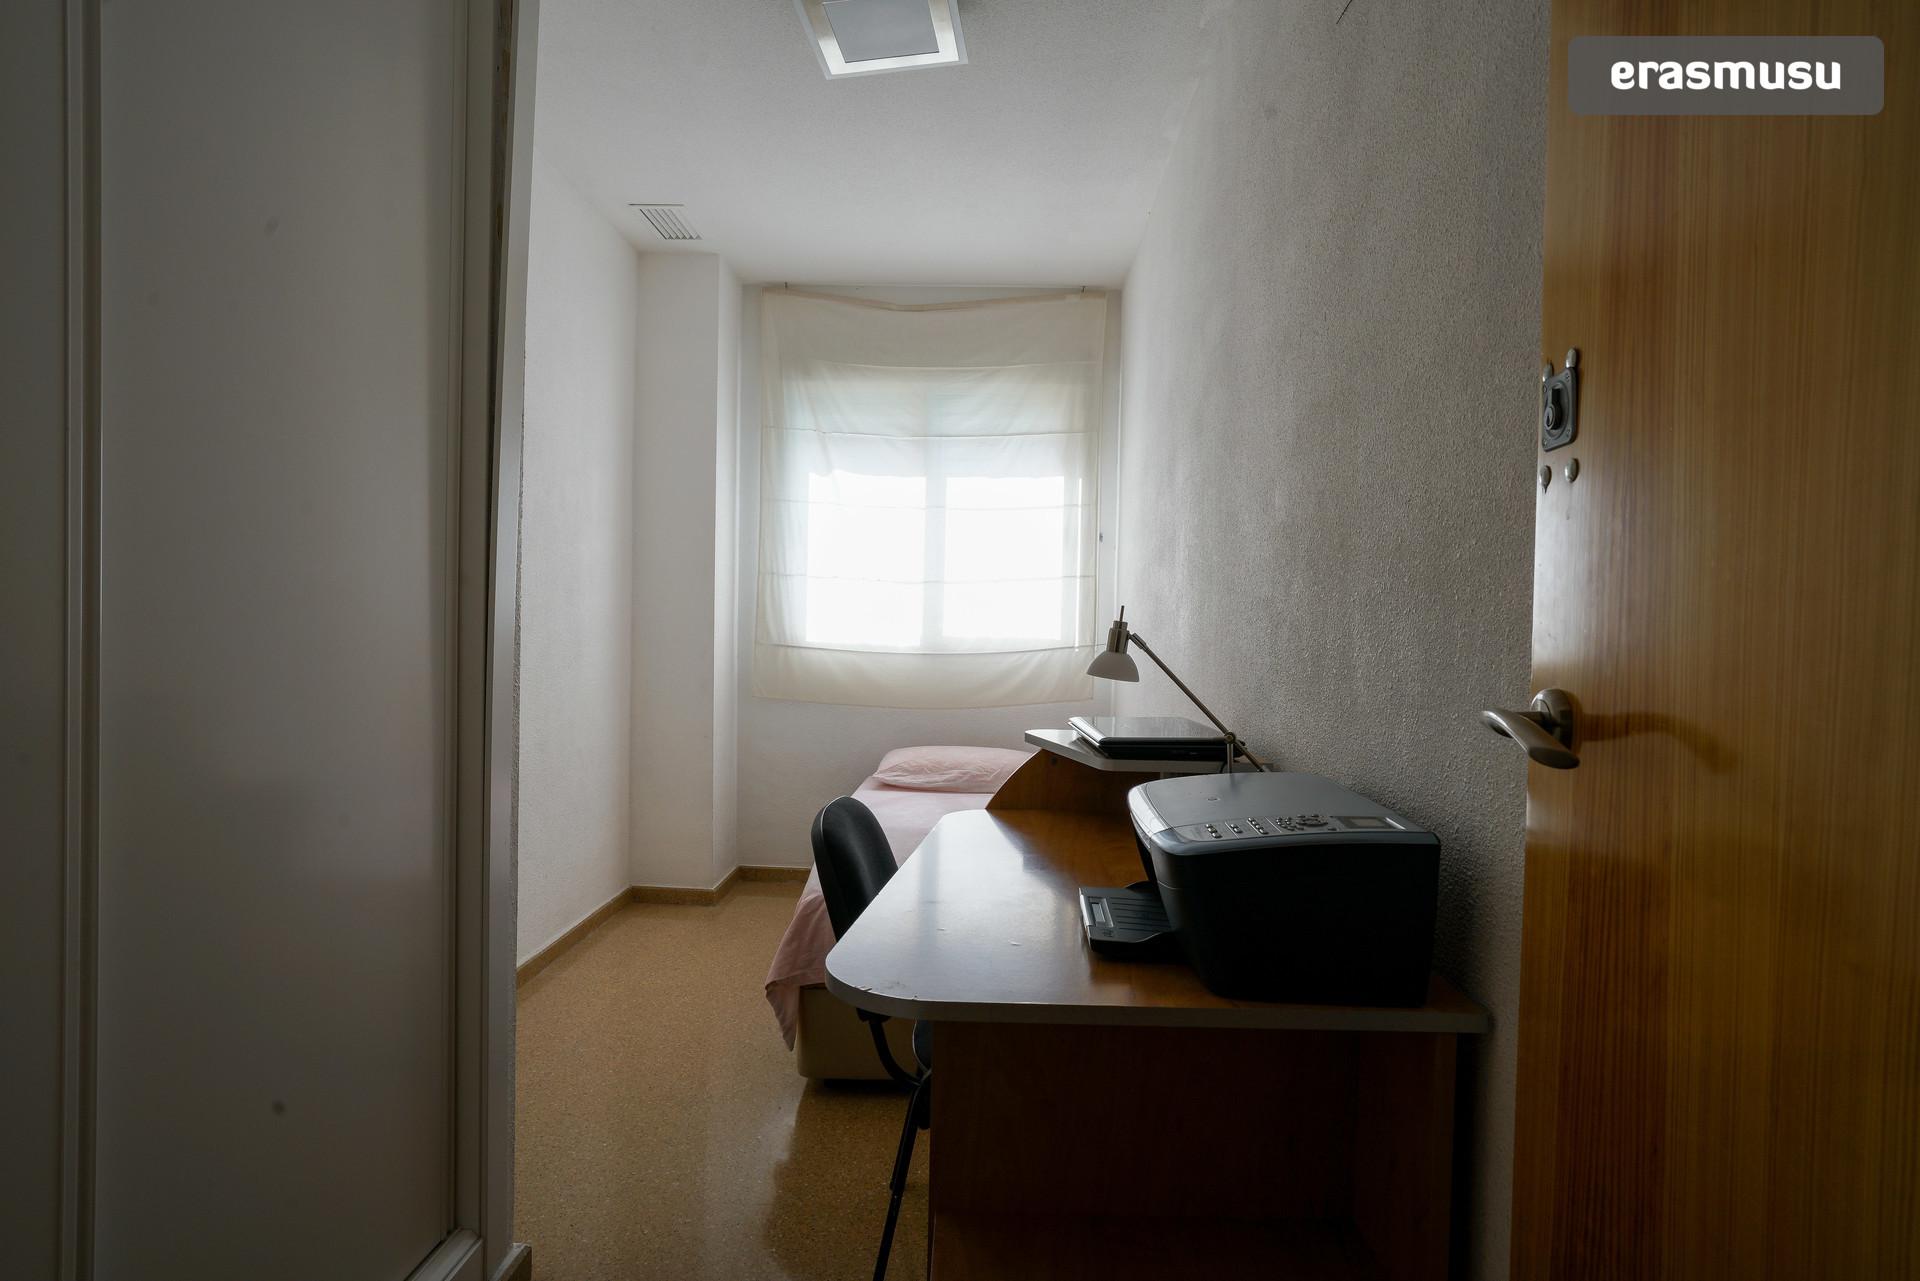 bonita-y-luminosa-habitacion-cama-doble-